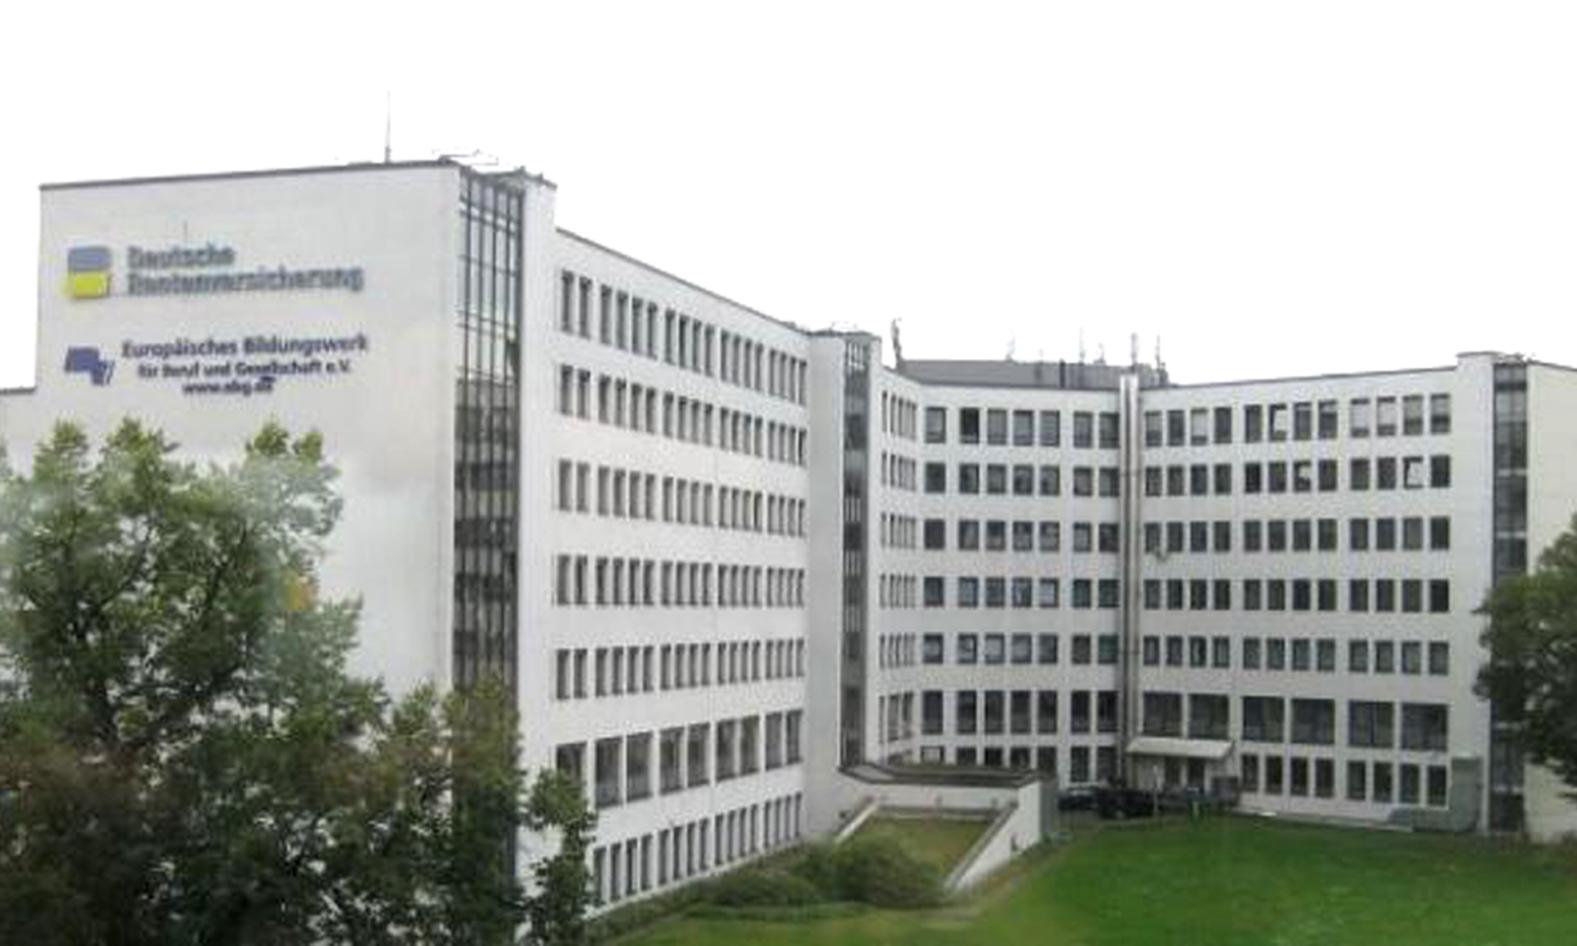 Europäische Bildungswerk für Beruf und Gesellschaft v Magdeburgu